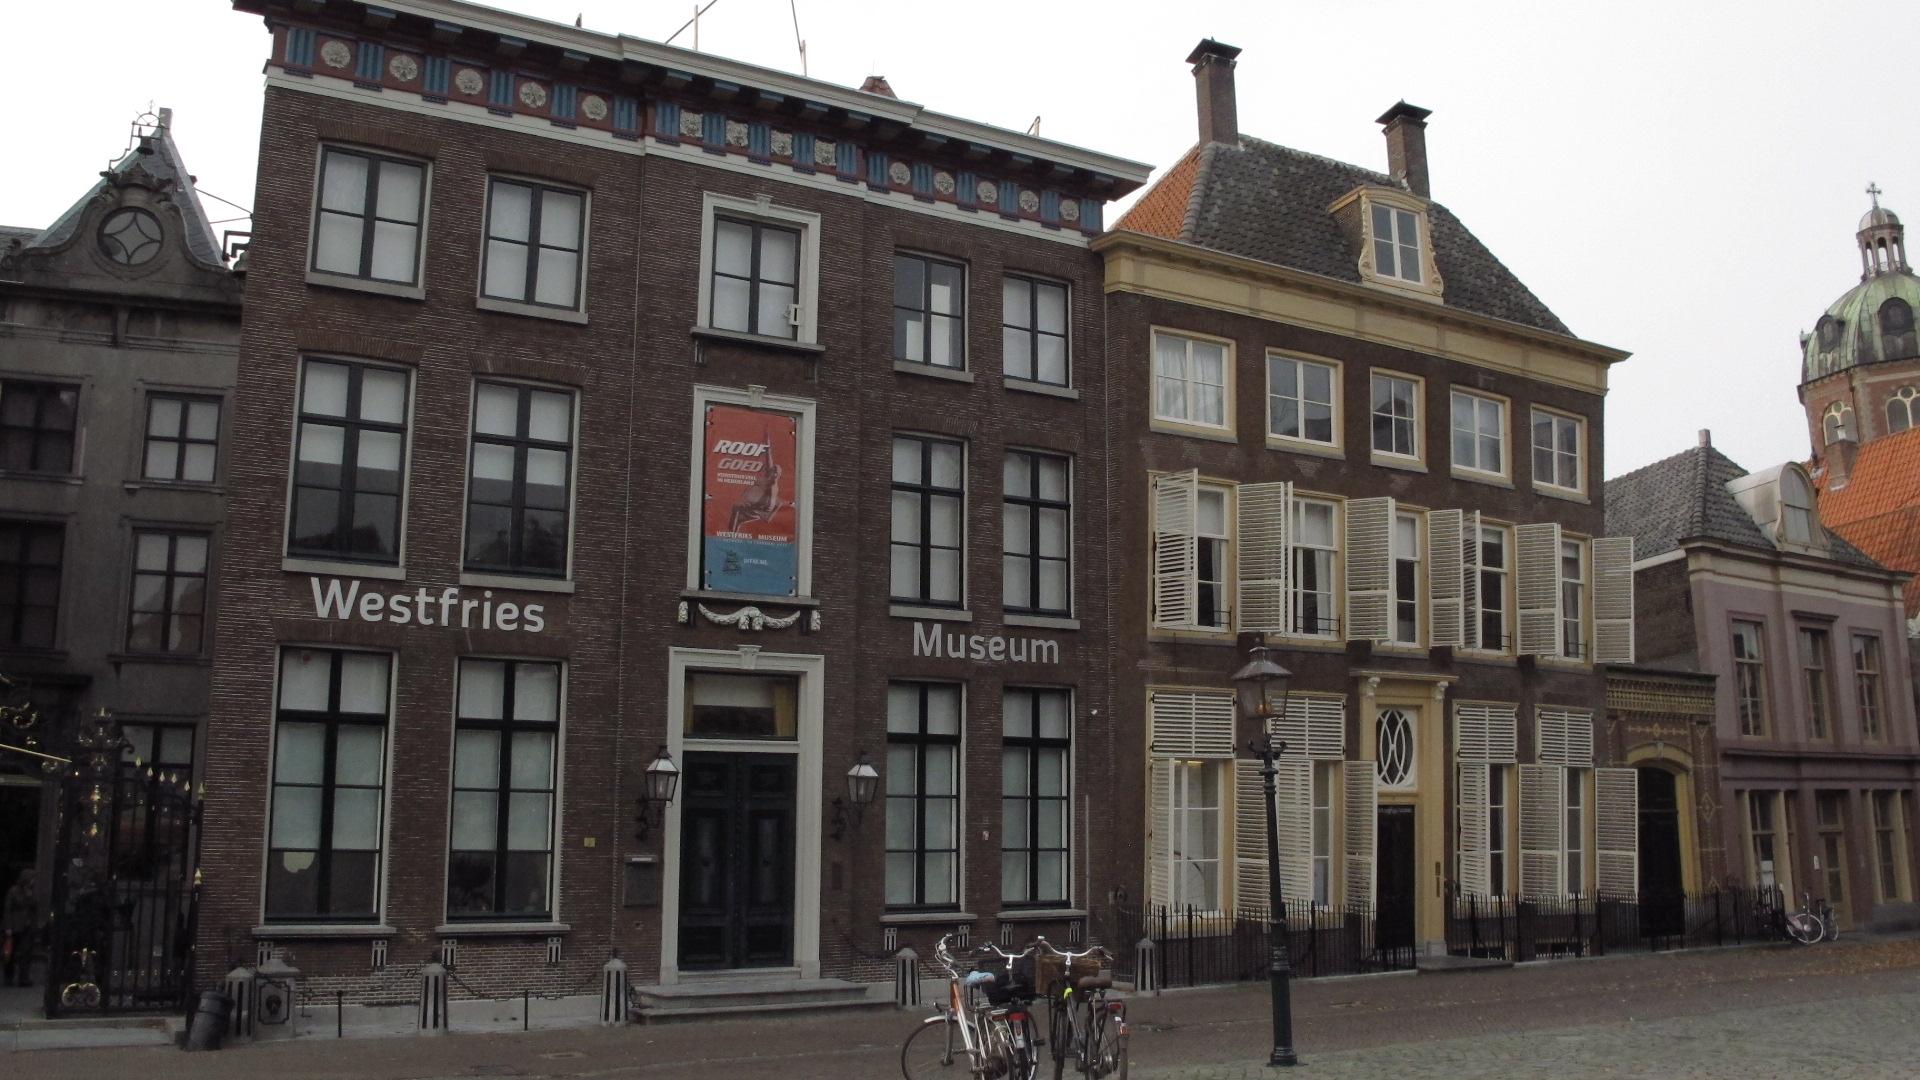 Museum Wesfries, bekas balaikota Hoorns.